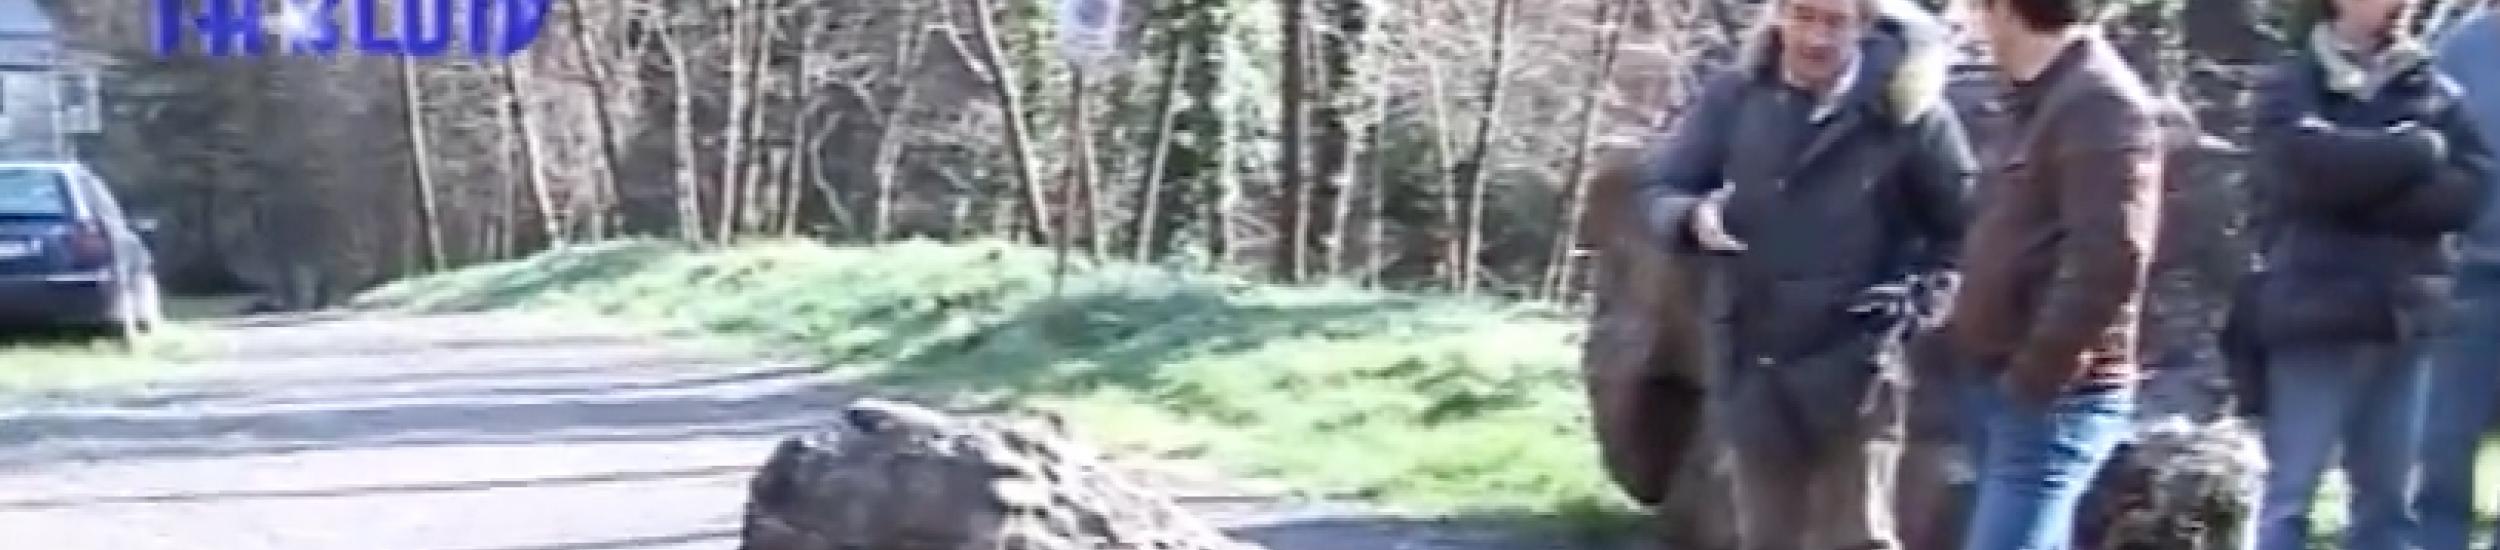 """News: Provinciale della scoglina, """"individuato il percorso più veloce"""" dice nino oliveri"""